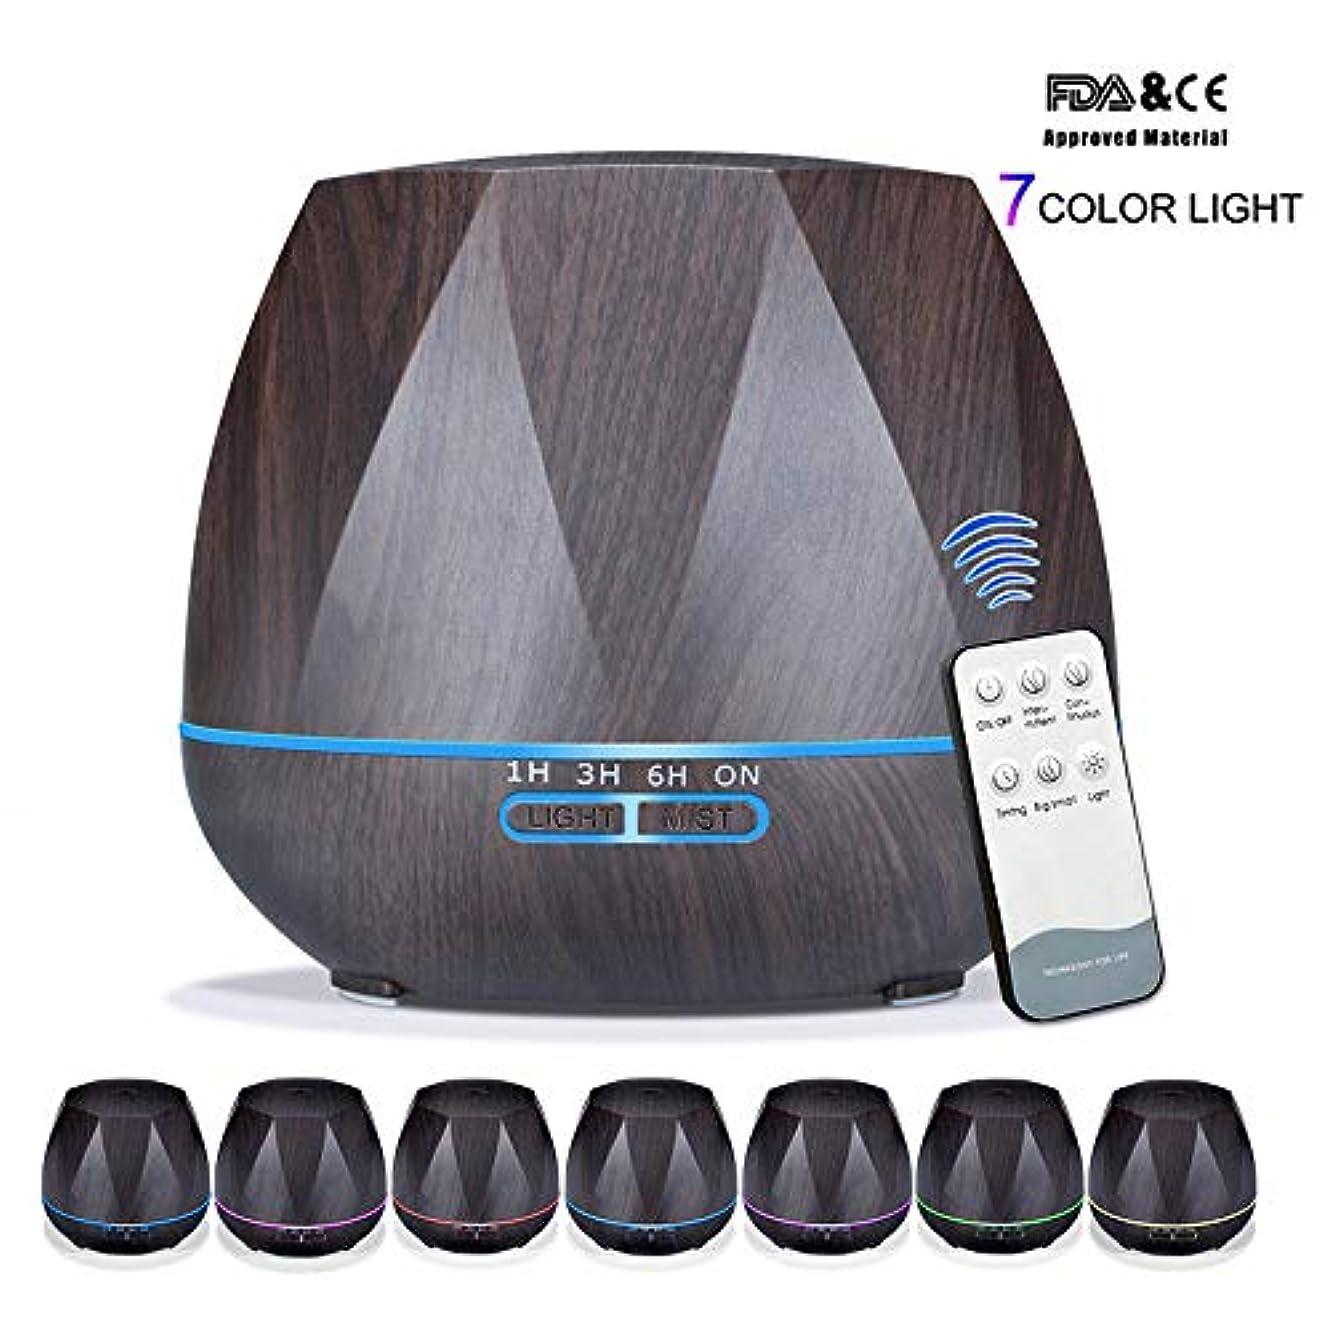 一貫性のない六月資金アロマセラピーエッセンシャルオイルアロマディフューザーリモートコントロール7色LEDライトホームエアアロマディフューザー加湿器550ML,Black,Remote